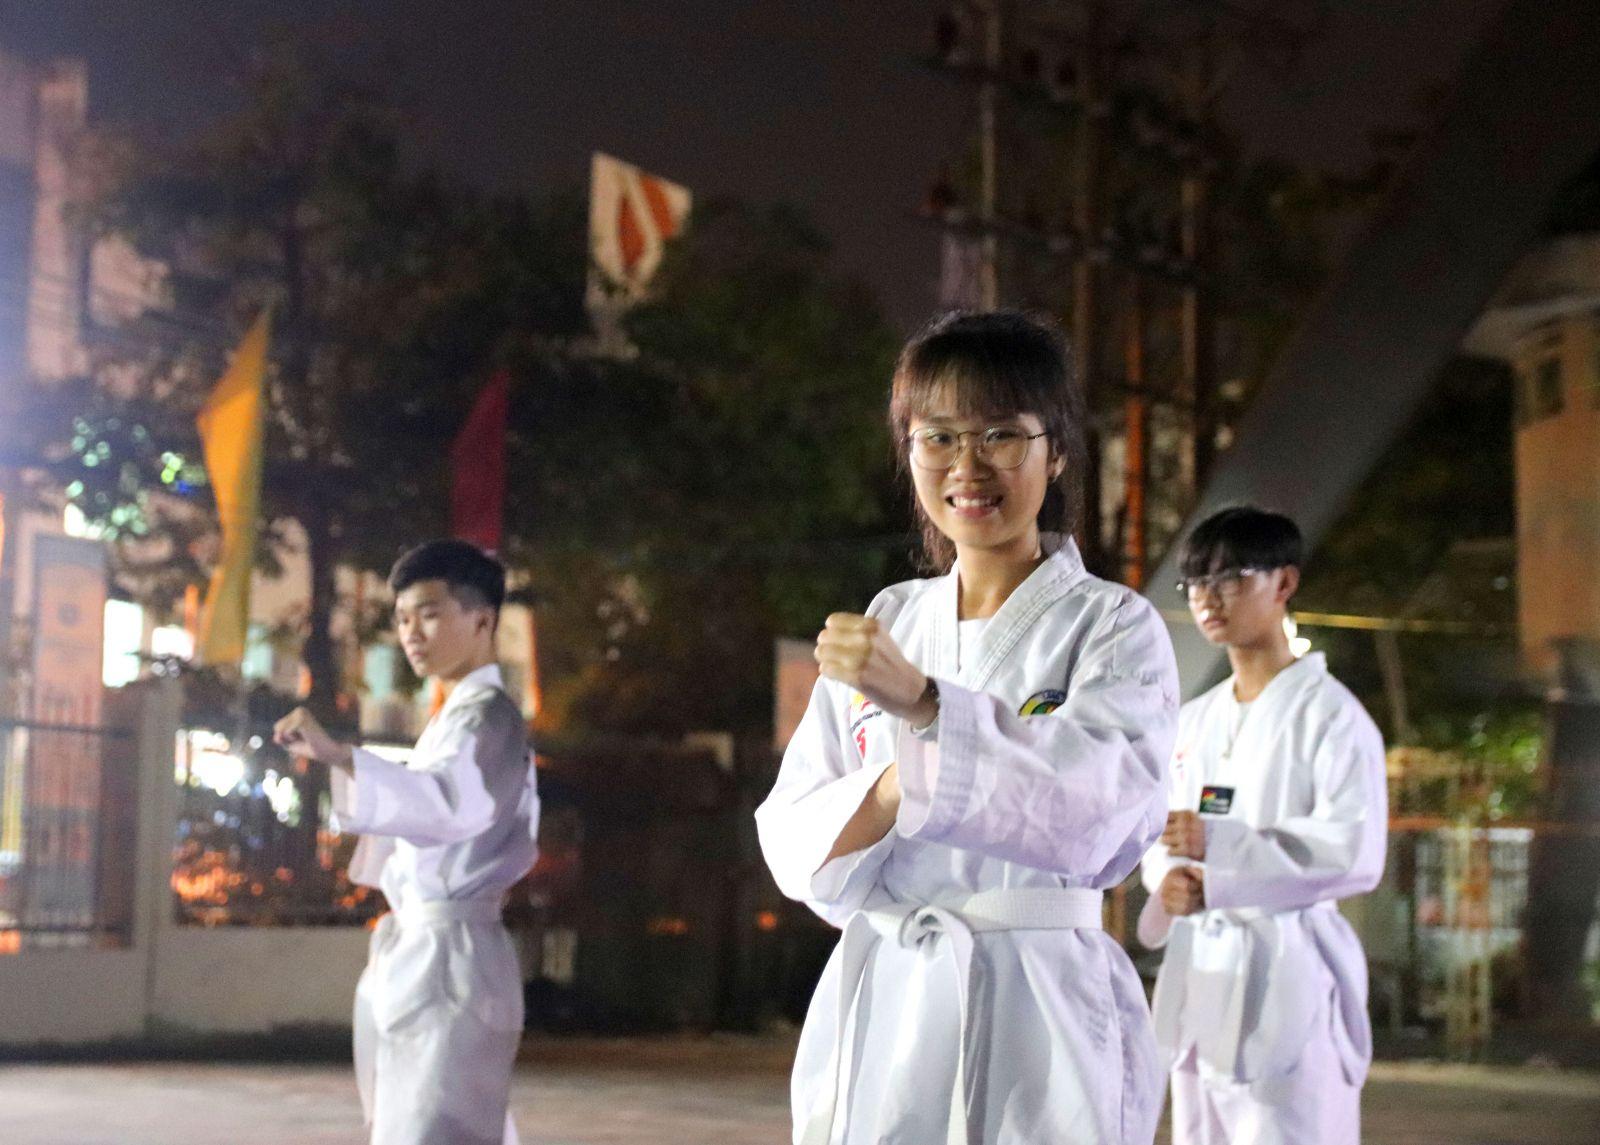 Em Phan Võ Quyên Nhi, học sinh lớp 10, Trường THPT Tân An, cũng có niềm đam mê đặc biệt với võ thuật